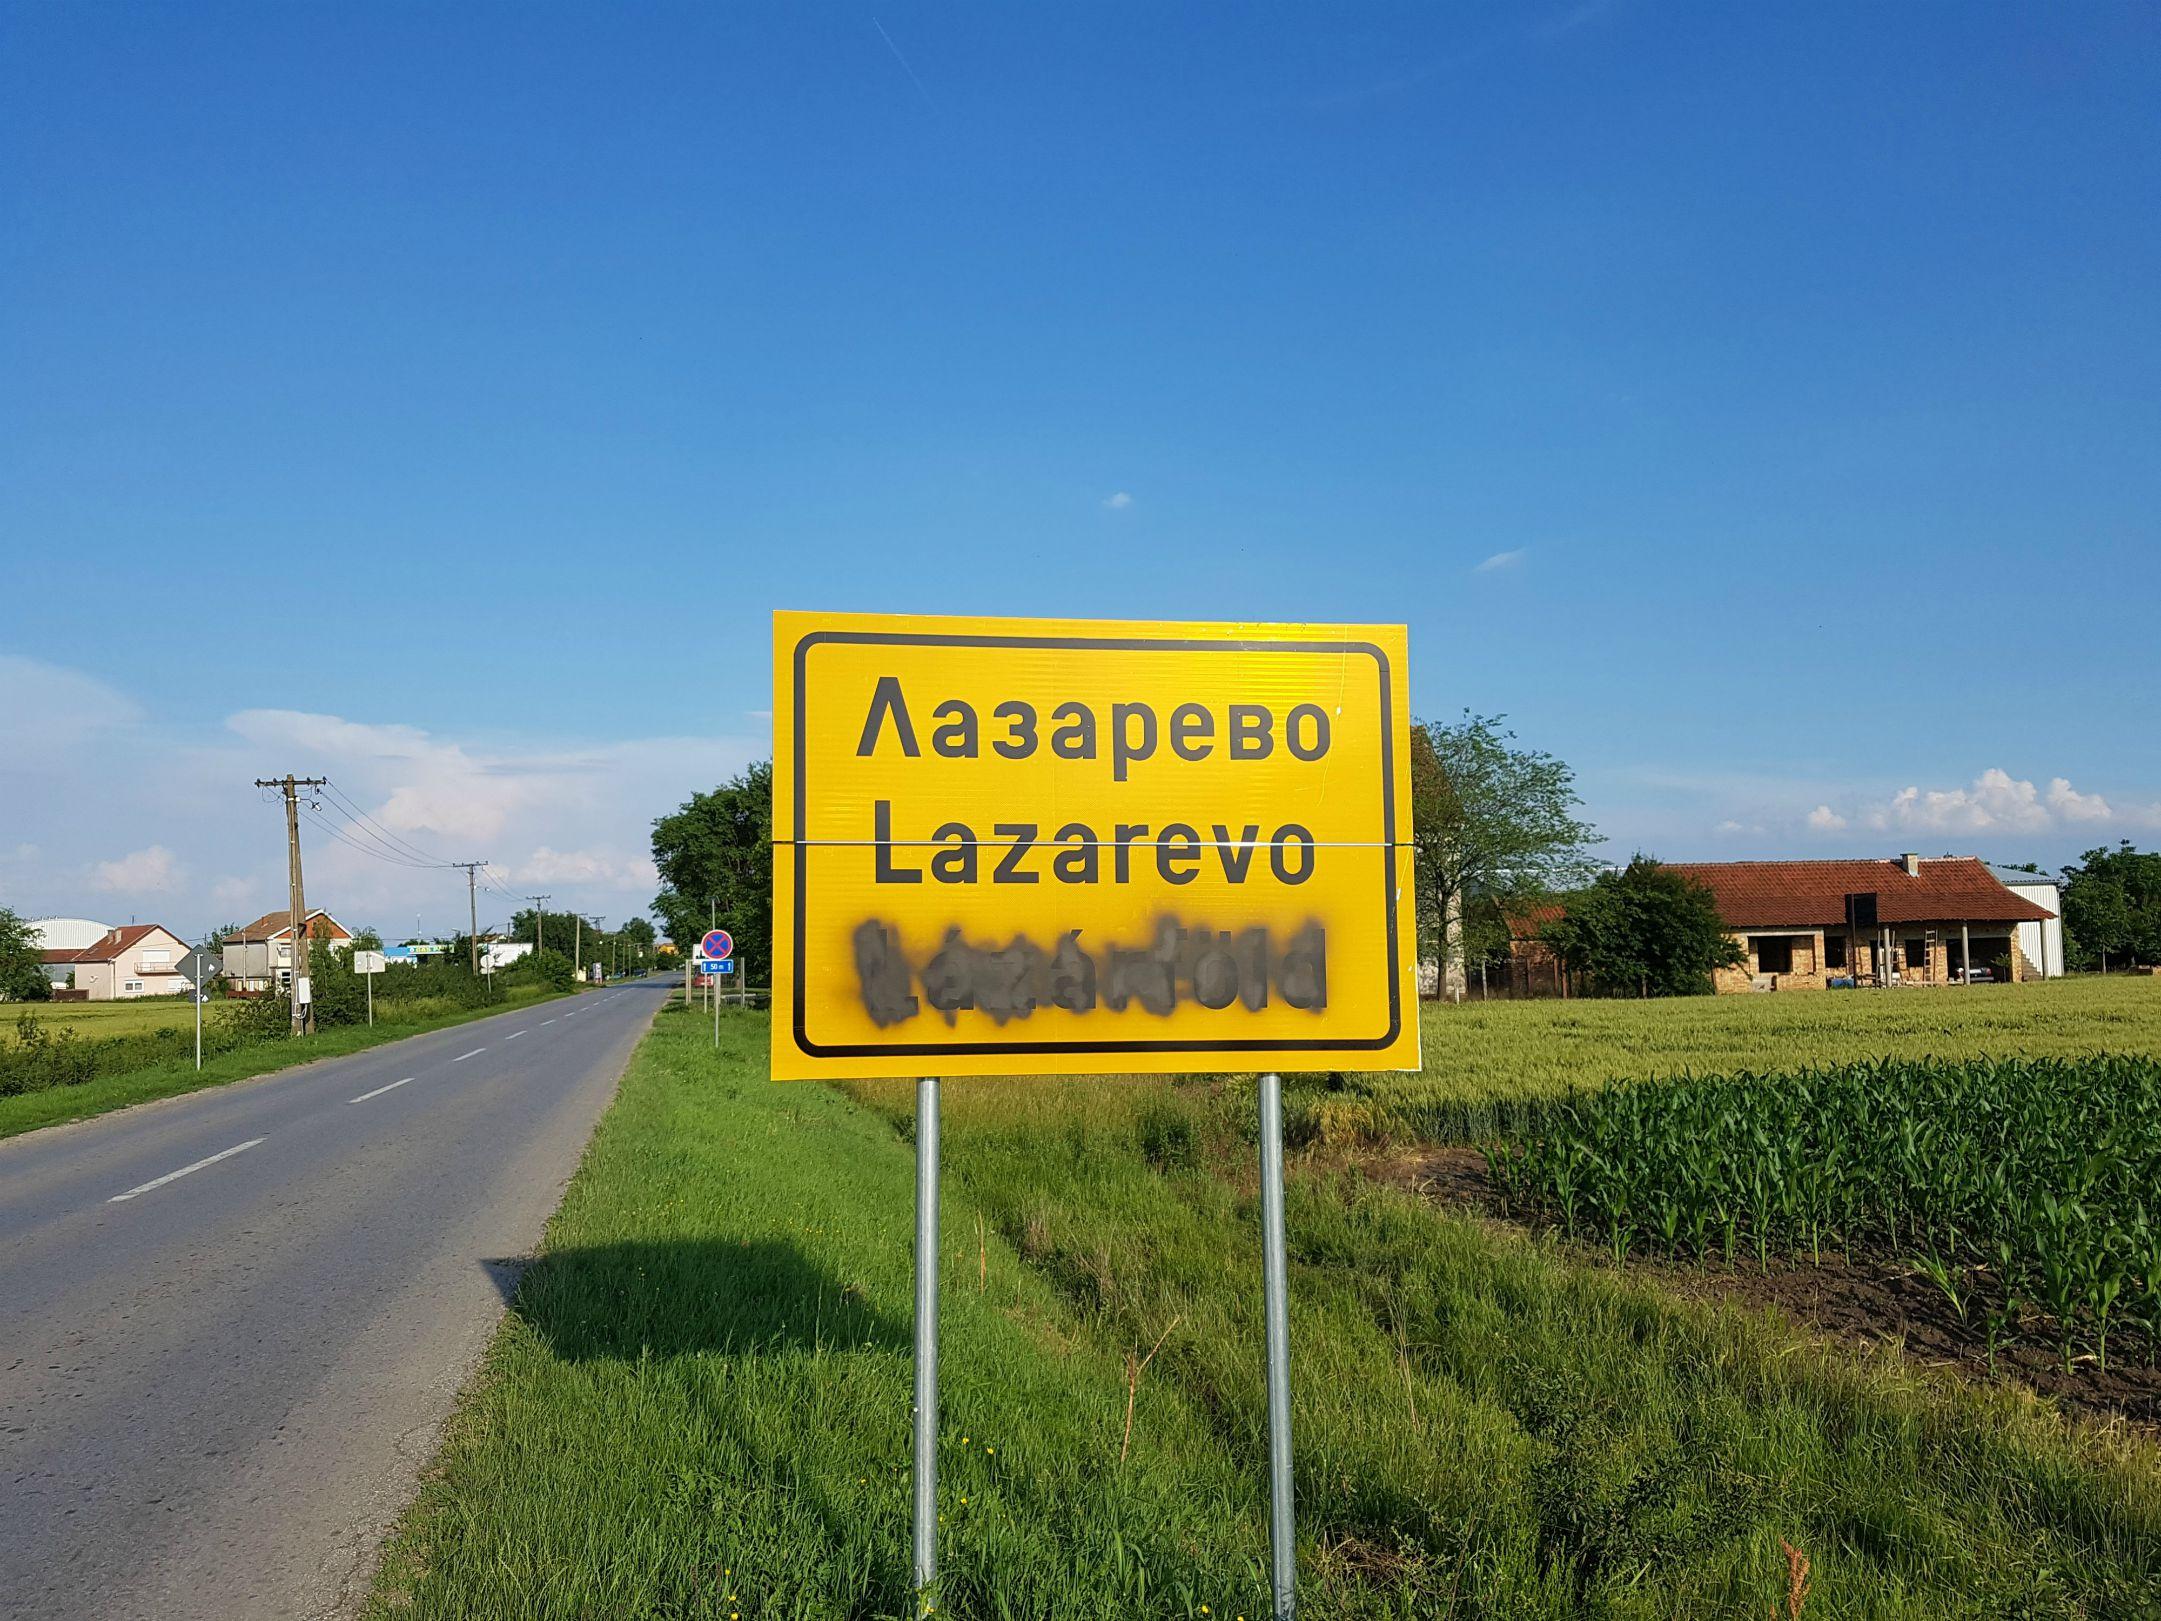 LSV/ Ko precrtava nazive mesta na jezicima nacionalnih zajednica!